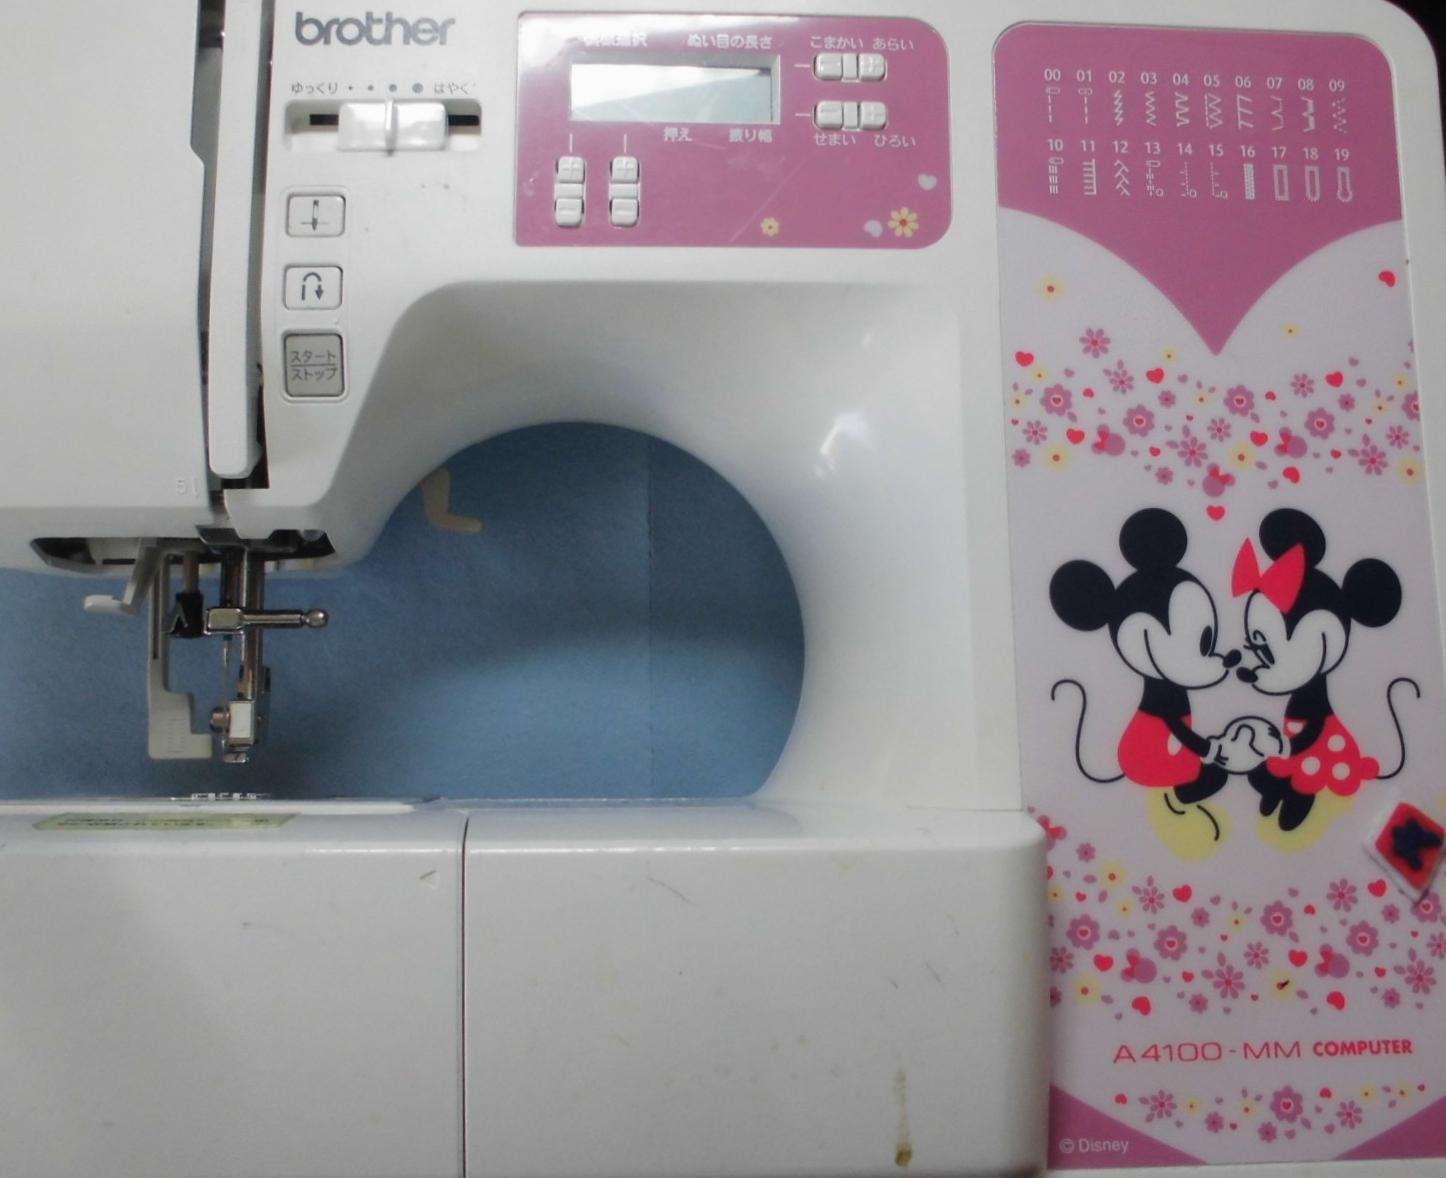 ブラザーミシン修理|CPV7403|正常に縫うことが出来ない